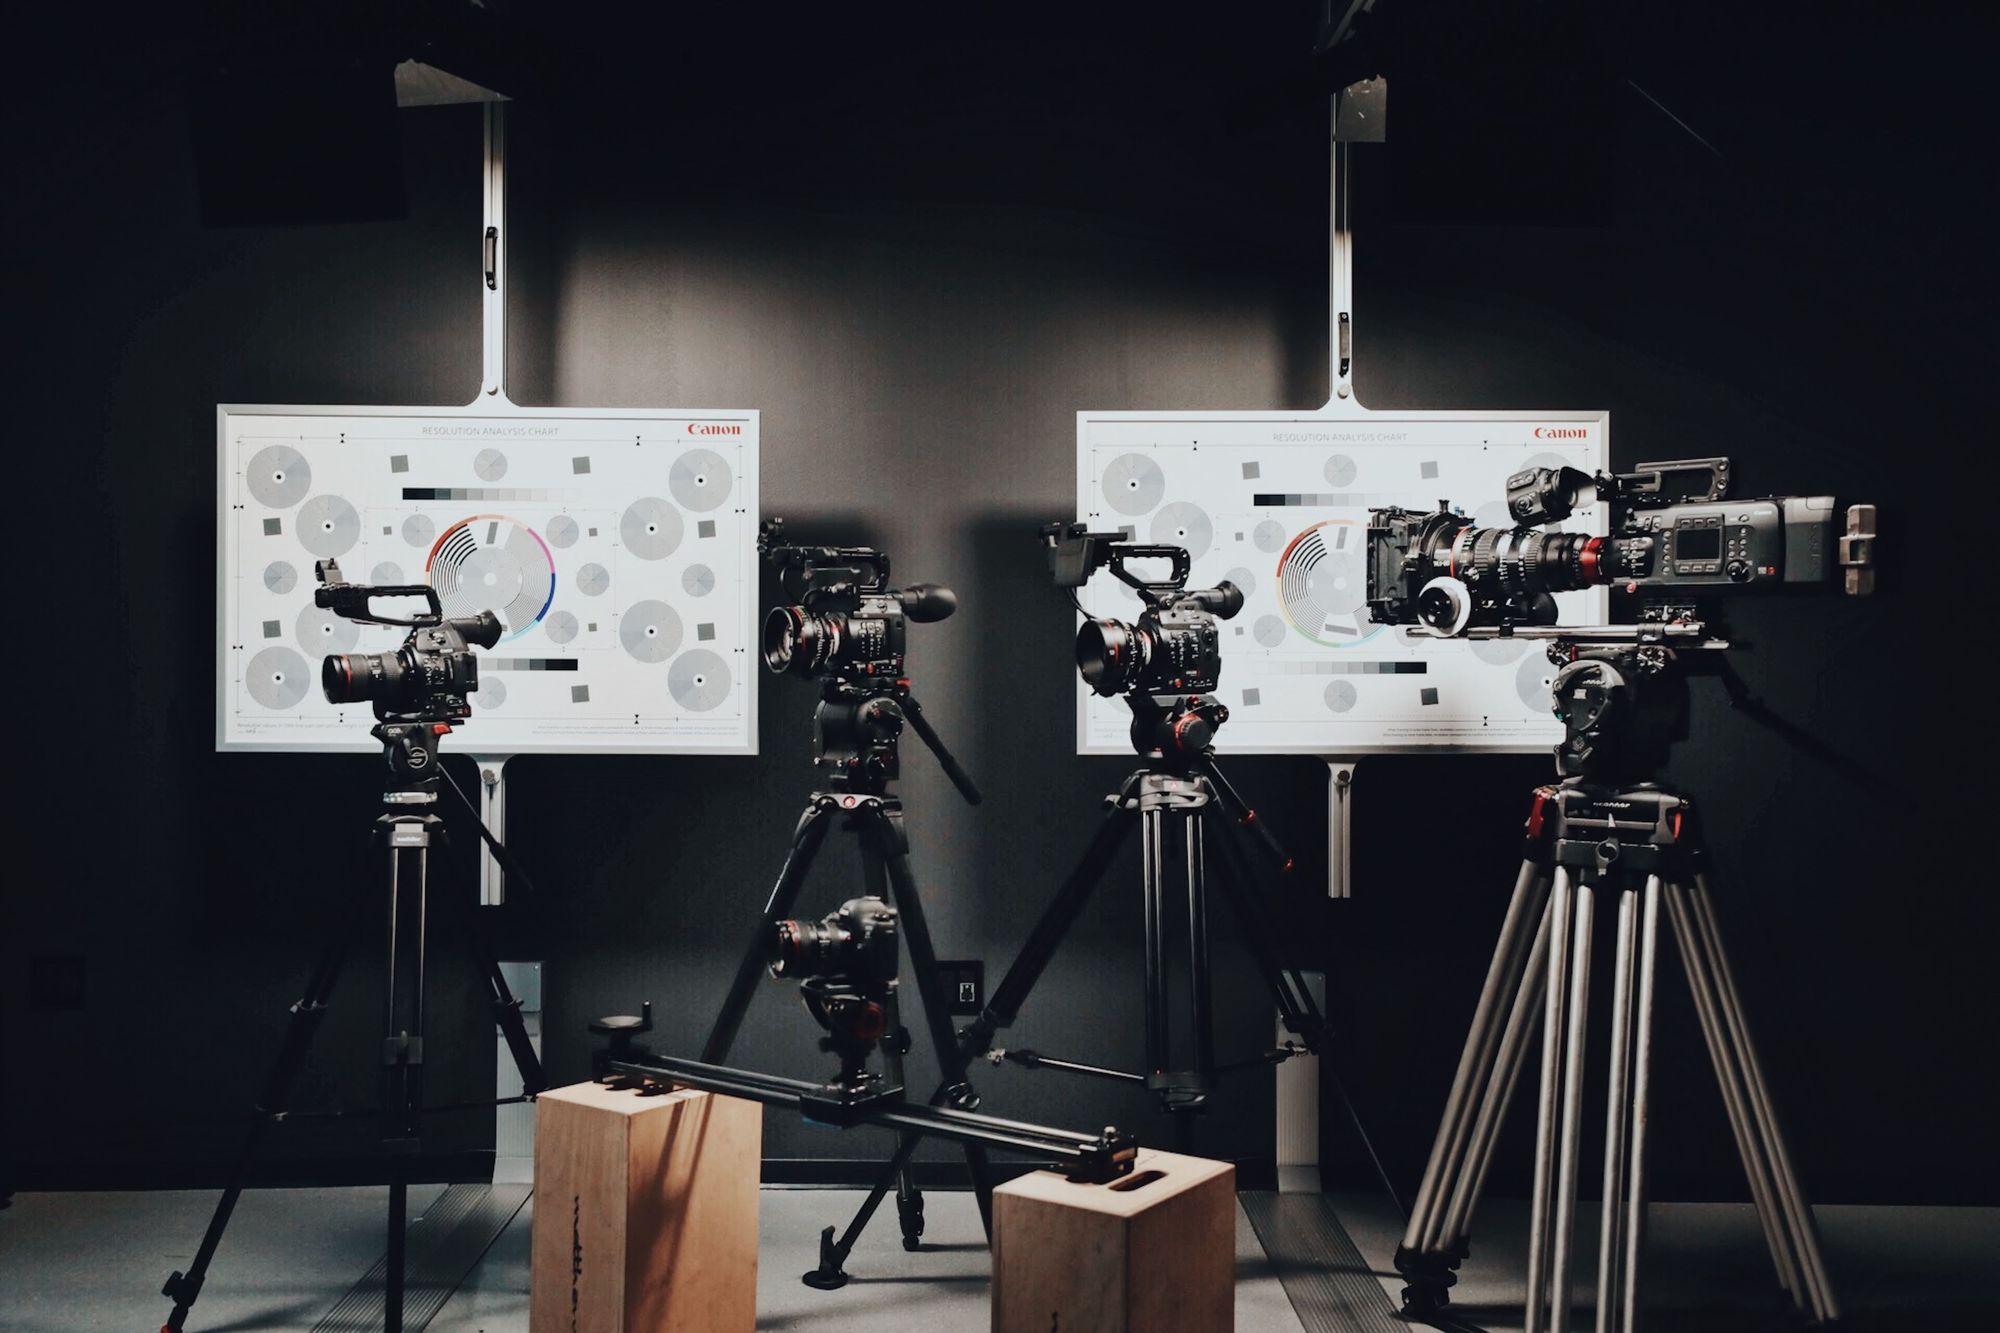 camera equipment for achieving camera angles